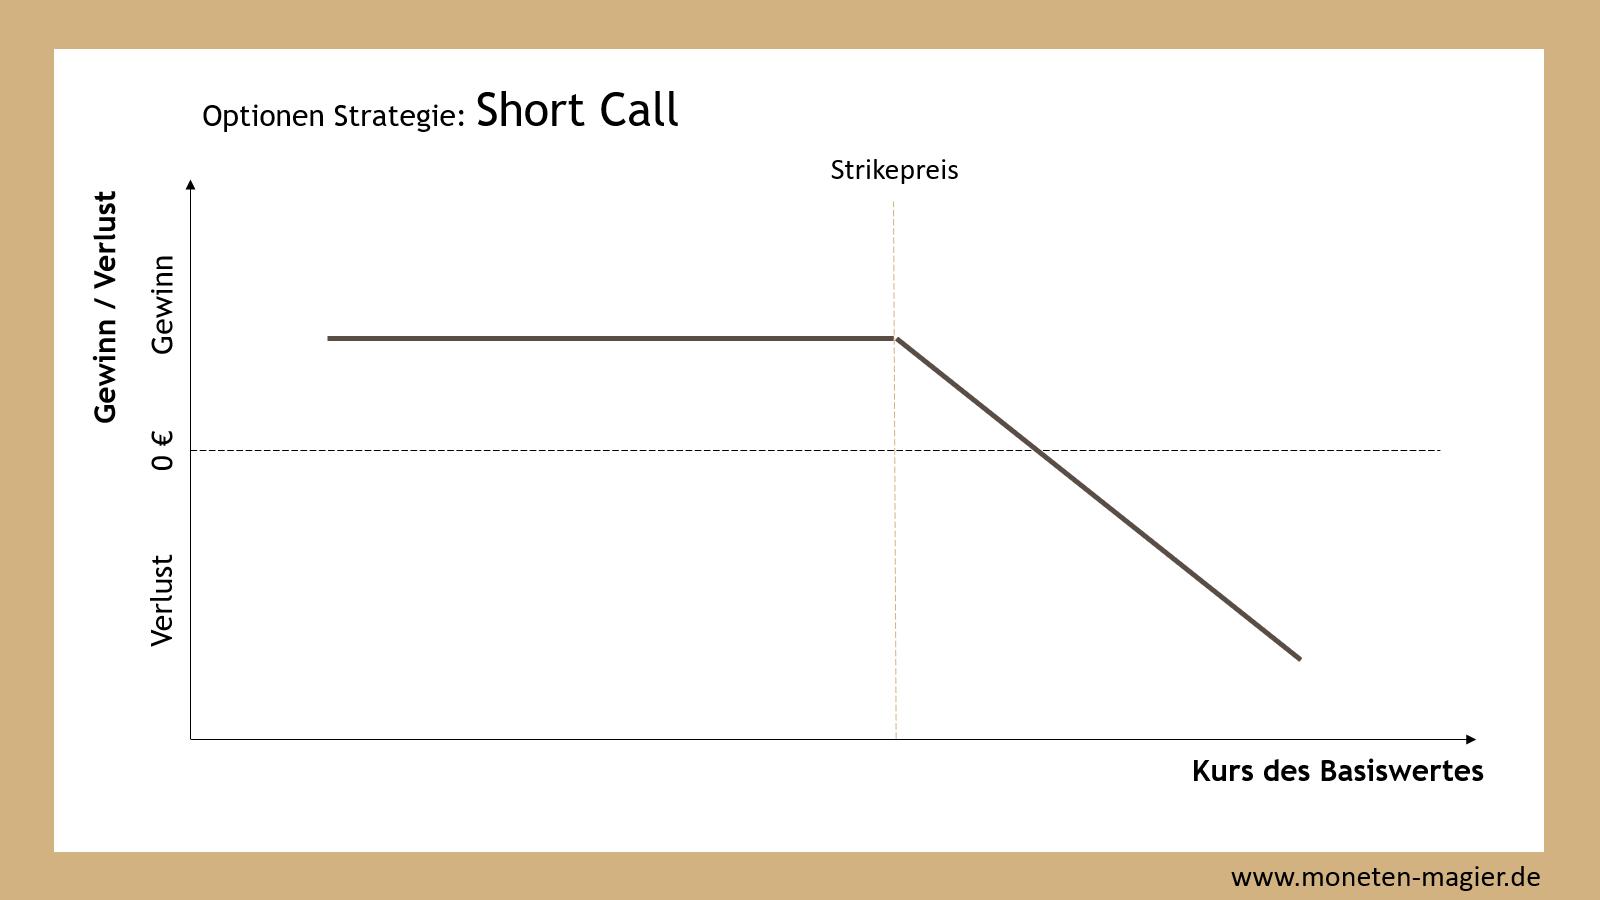 optionen verkaufen moneten magier short call